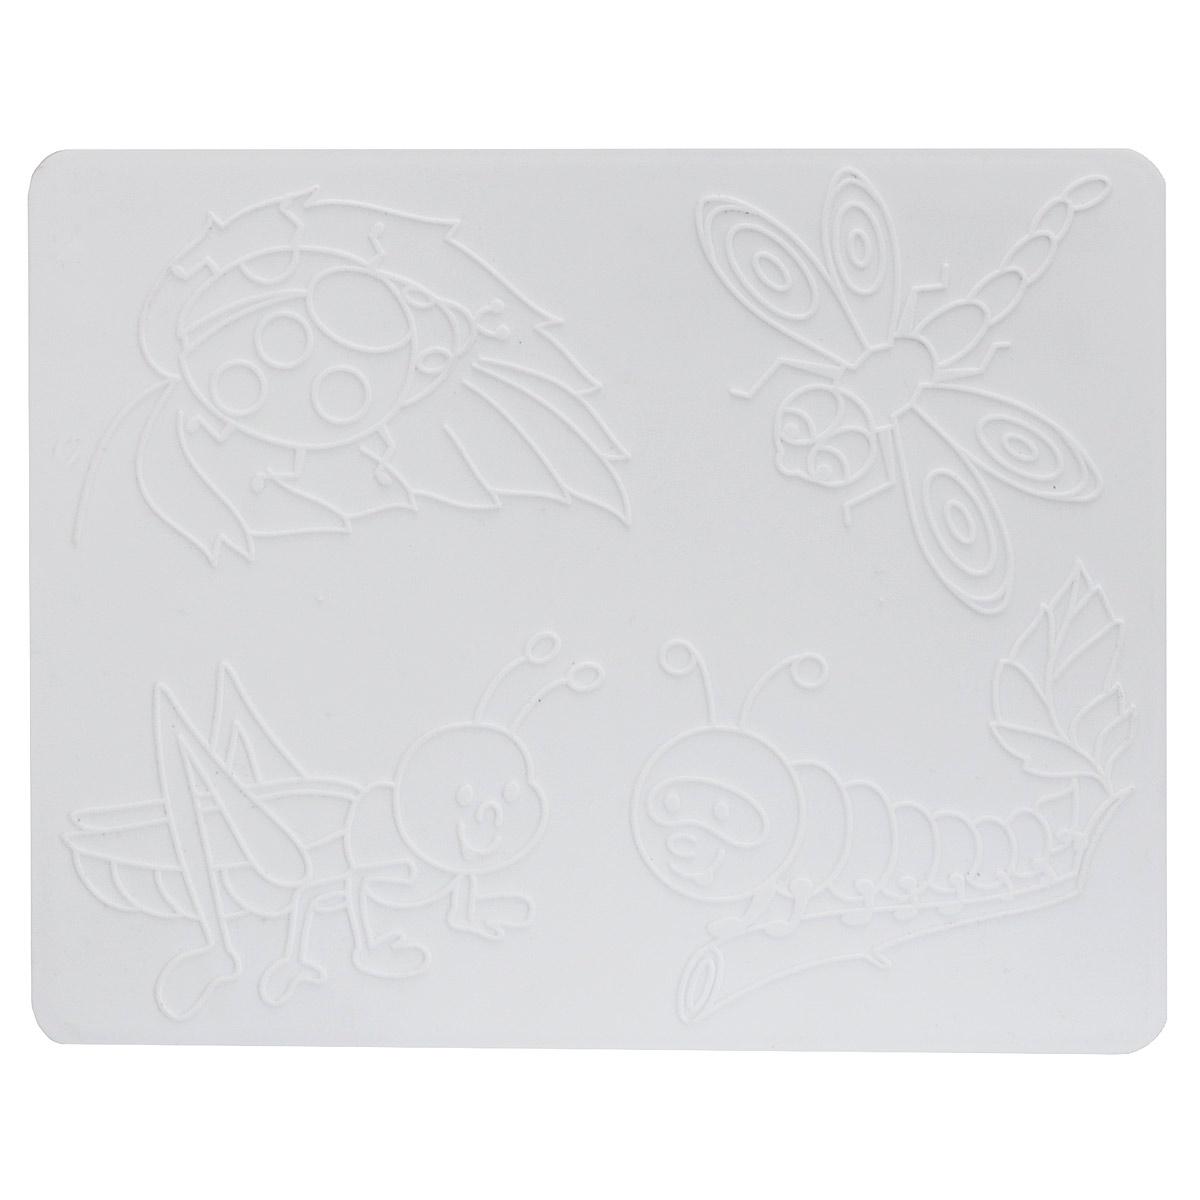 Доска для лепки Луч14С 1030-08Доска для лепки Луч - многофункциональный атрибут творческой деятельности. Благодаря универсальности материала, доску можно использовать как для защиты стола во время творчества ребенка, например, во время лепки, так и элемент для создания аппликации. Для этого рельефные рисунки переводятся на бумагу, а затем, с помощью пластилина, создается картинка. Доска изготовлена из мягкого пластика и легко отмывается от загрязнений. Доска для лепки Луч поможет ребенку развить творческие способности, воображение и мелкую моторику рук.